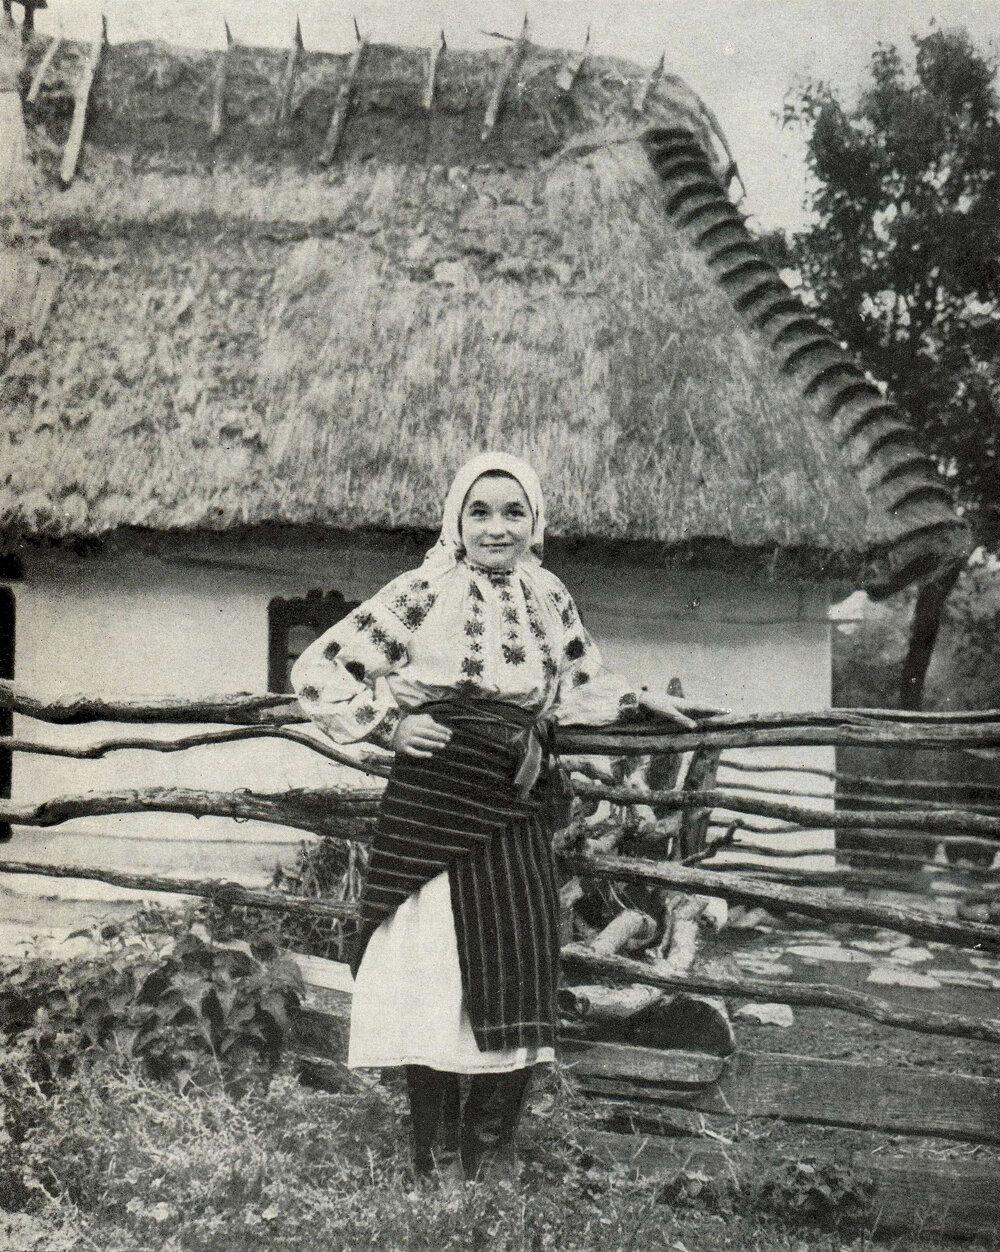 Женщина в летней одежде. Село Гораев Старо-Ушицкого р-на Хмельницкой обл. Фото 1957 г.